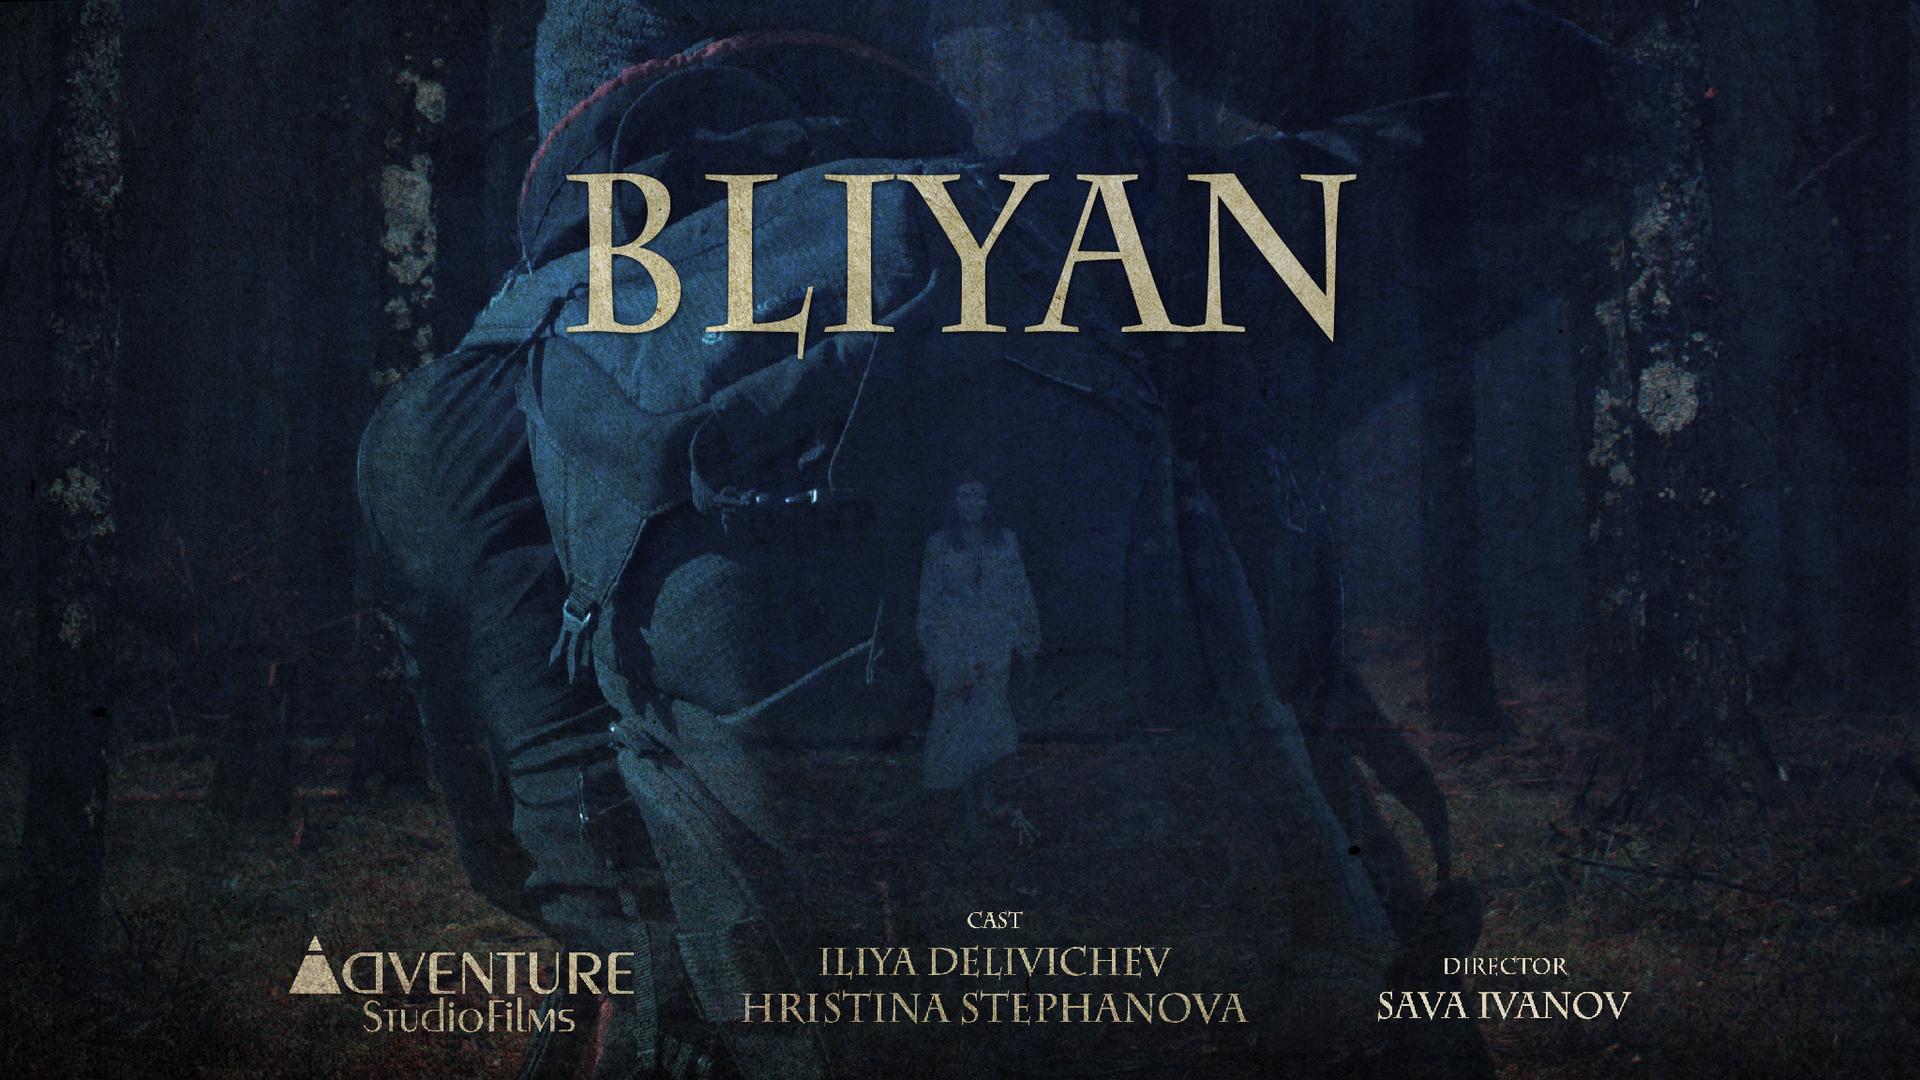 Bliyan